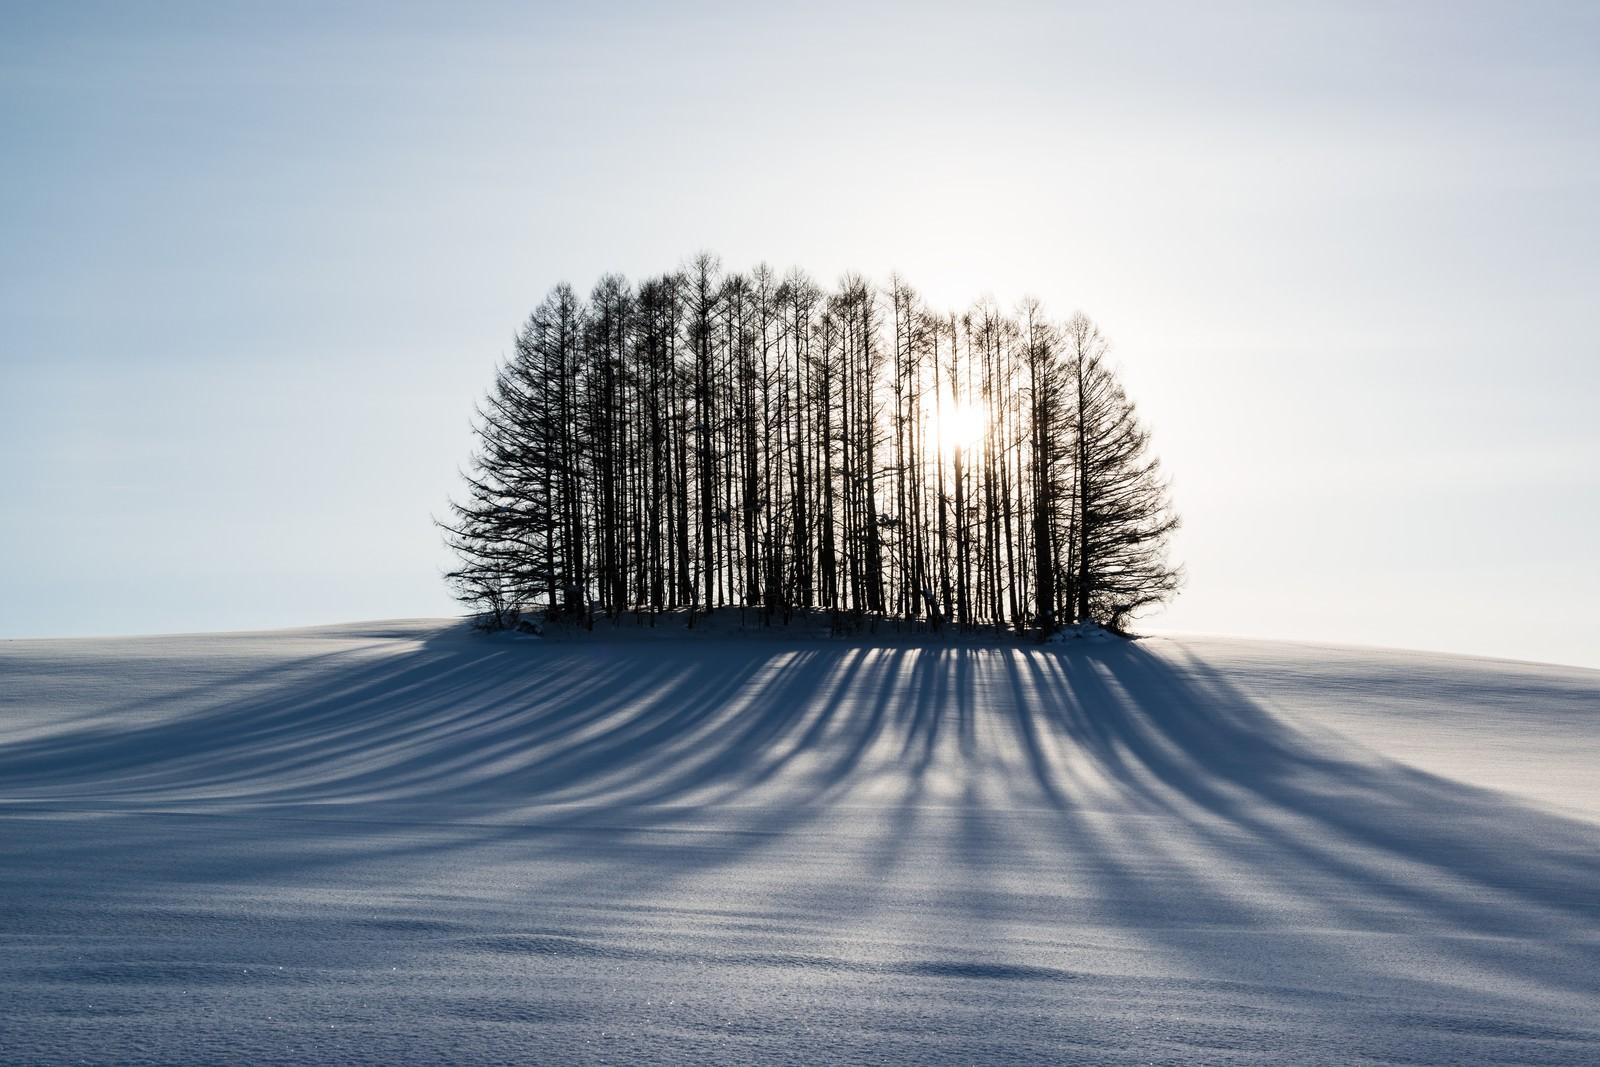 「雪とマイルドセブンの丘雪とマイルドセブンの丘」のフリー写真素材を拡大